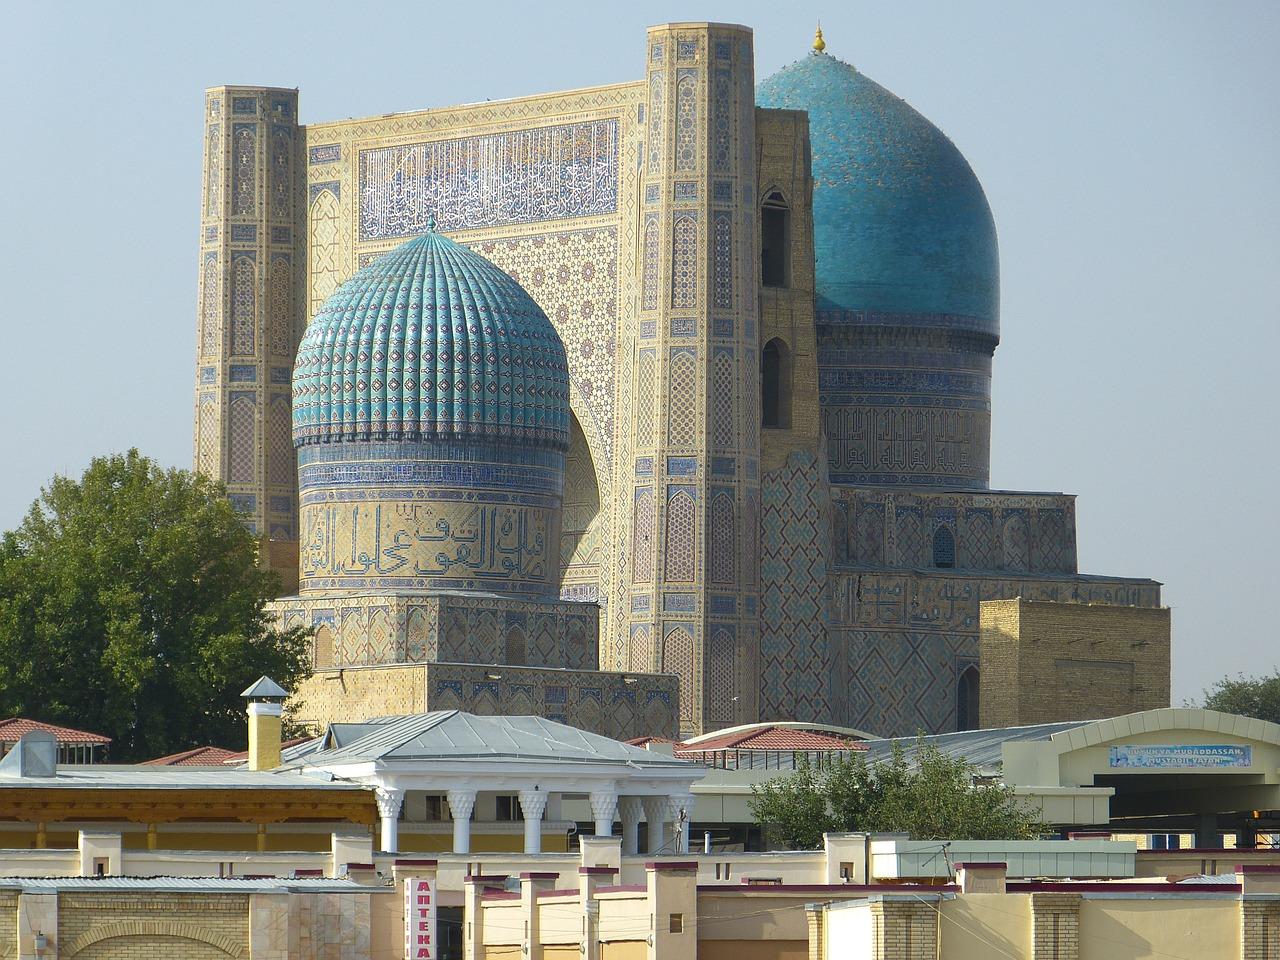 ウズベキスタンの治安まとめ!テロの心配は?国の基本情報や情勢など!